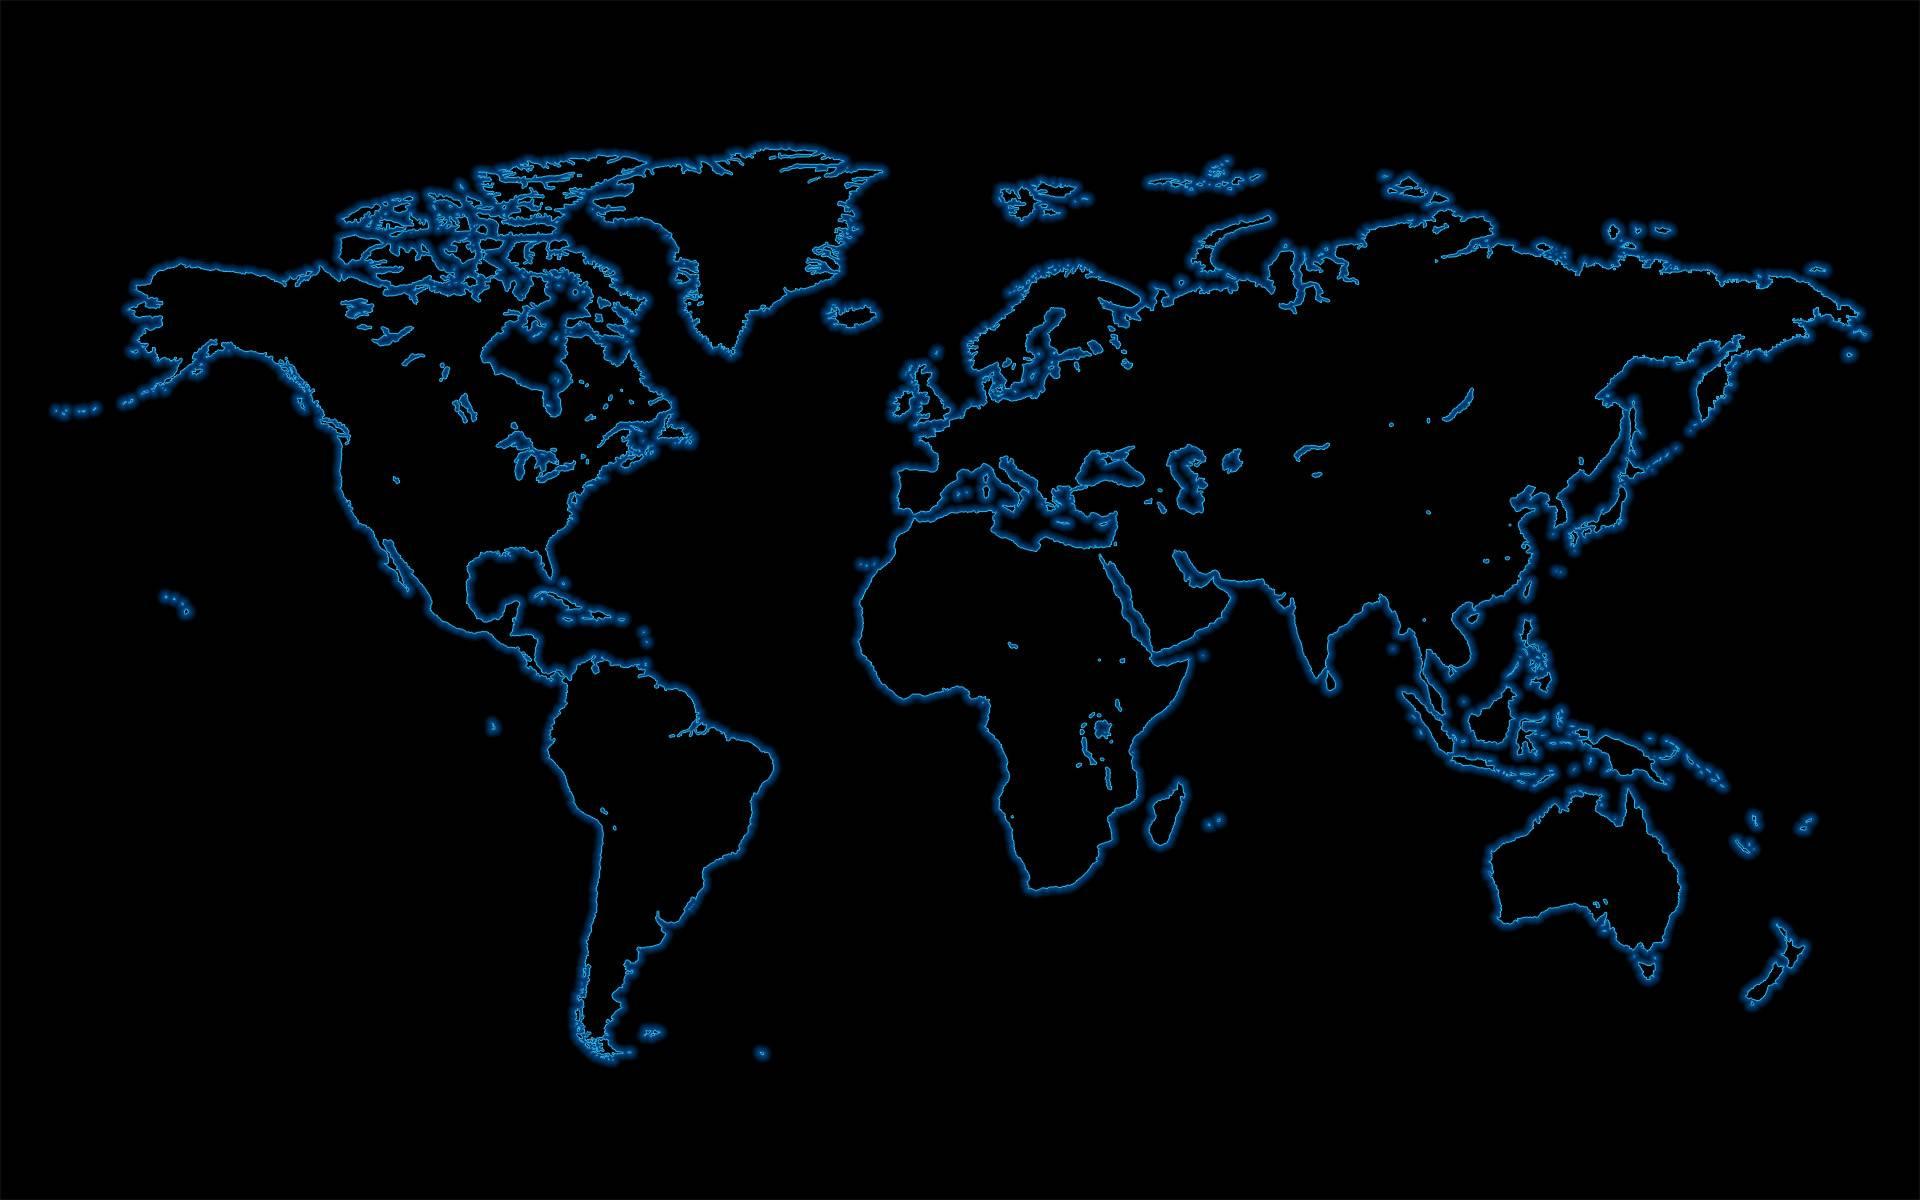 World Map Desktop Backgrounds 1920x1200